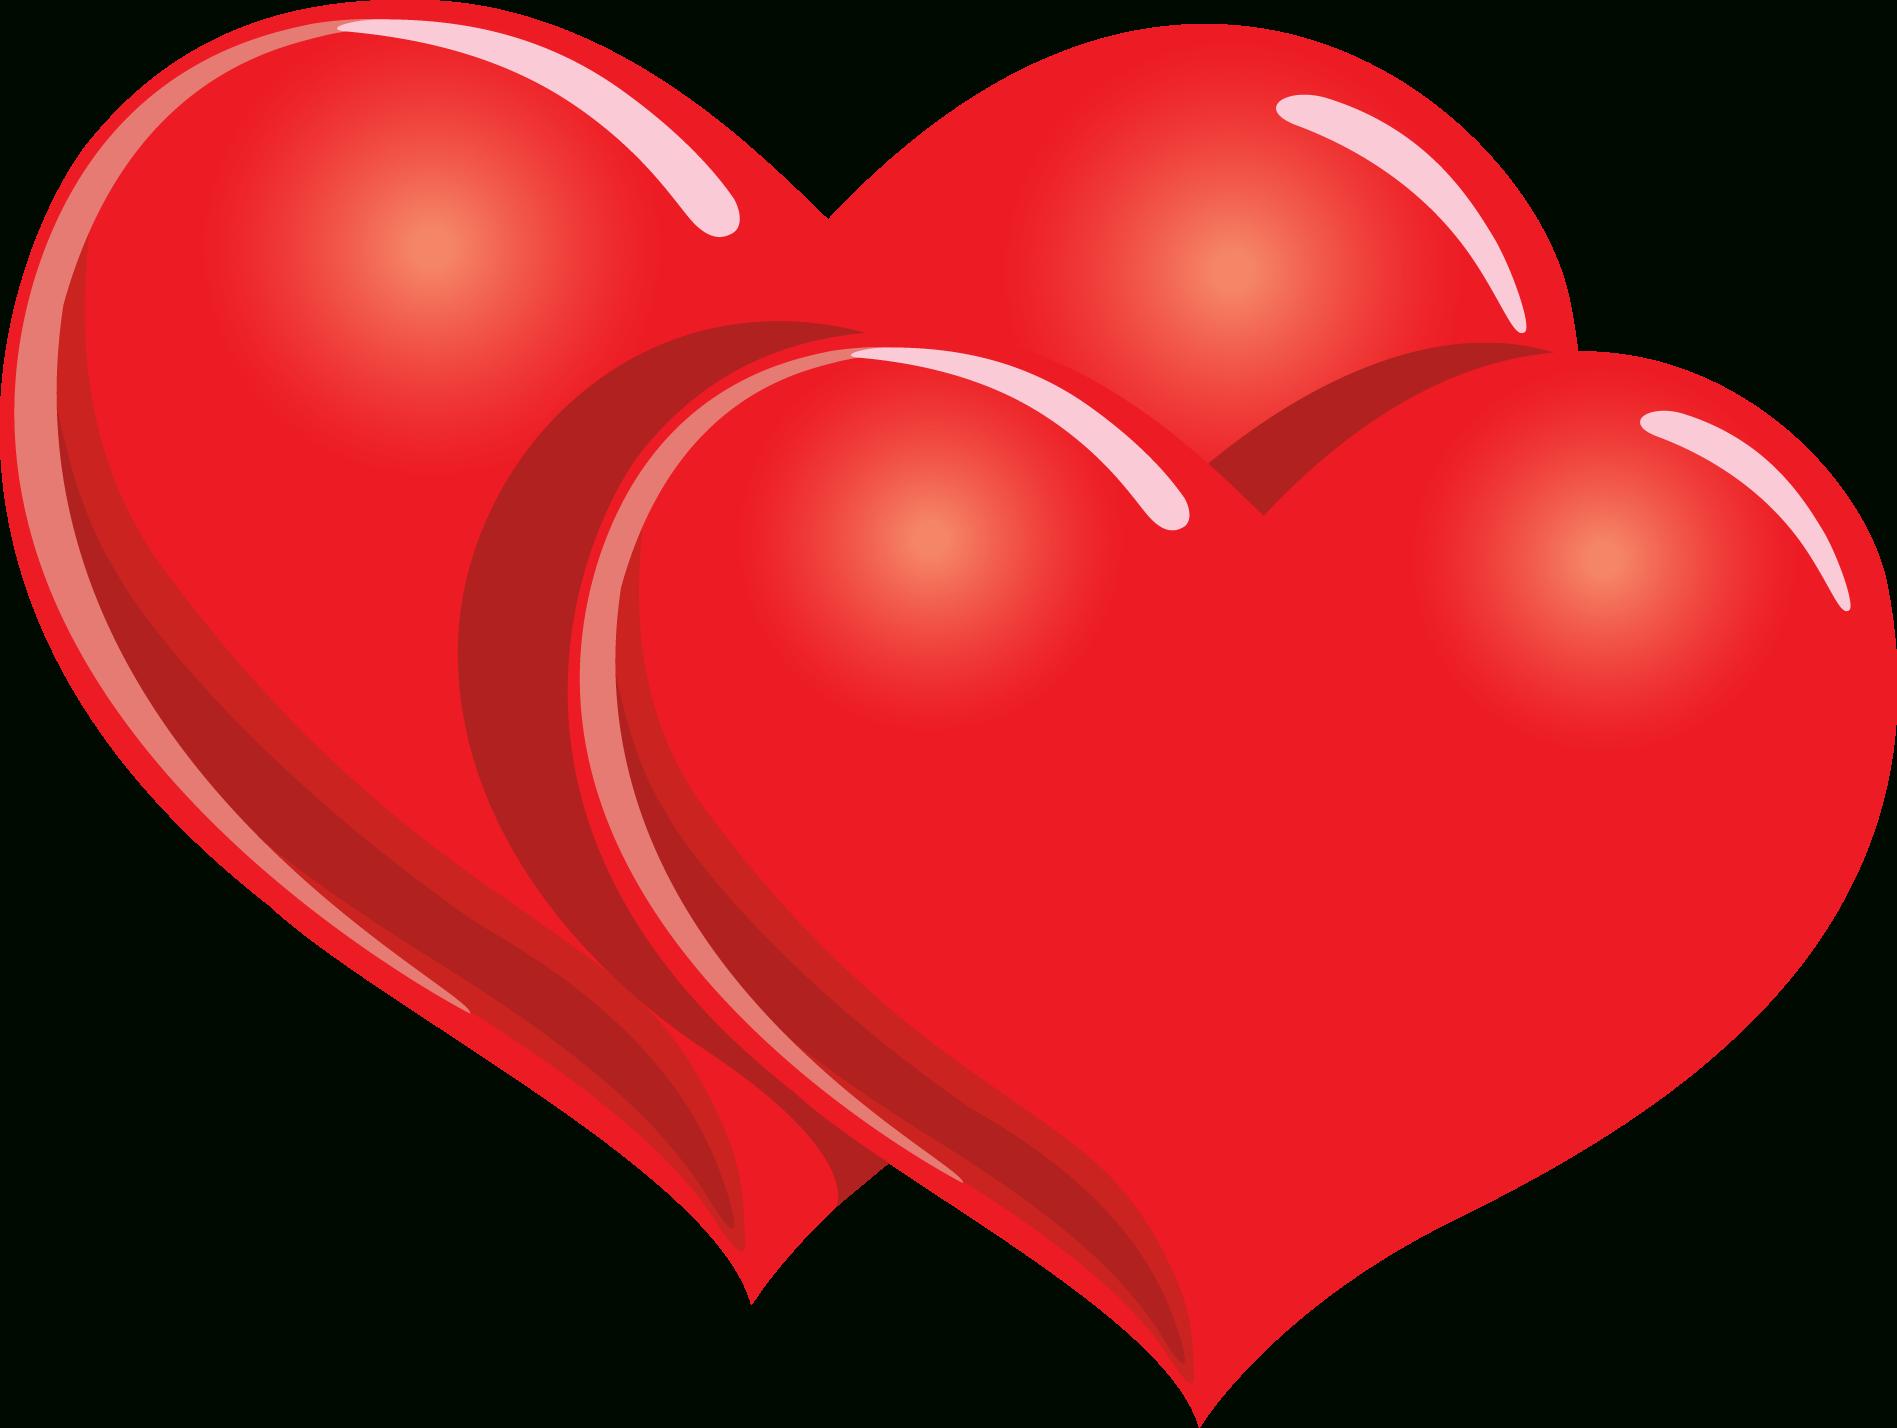 Fancy red heart clipart jpg free stock Fancy Red Heart Clipart | Letters Format jpg free stock